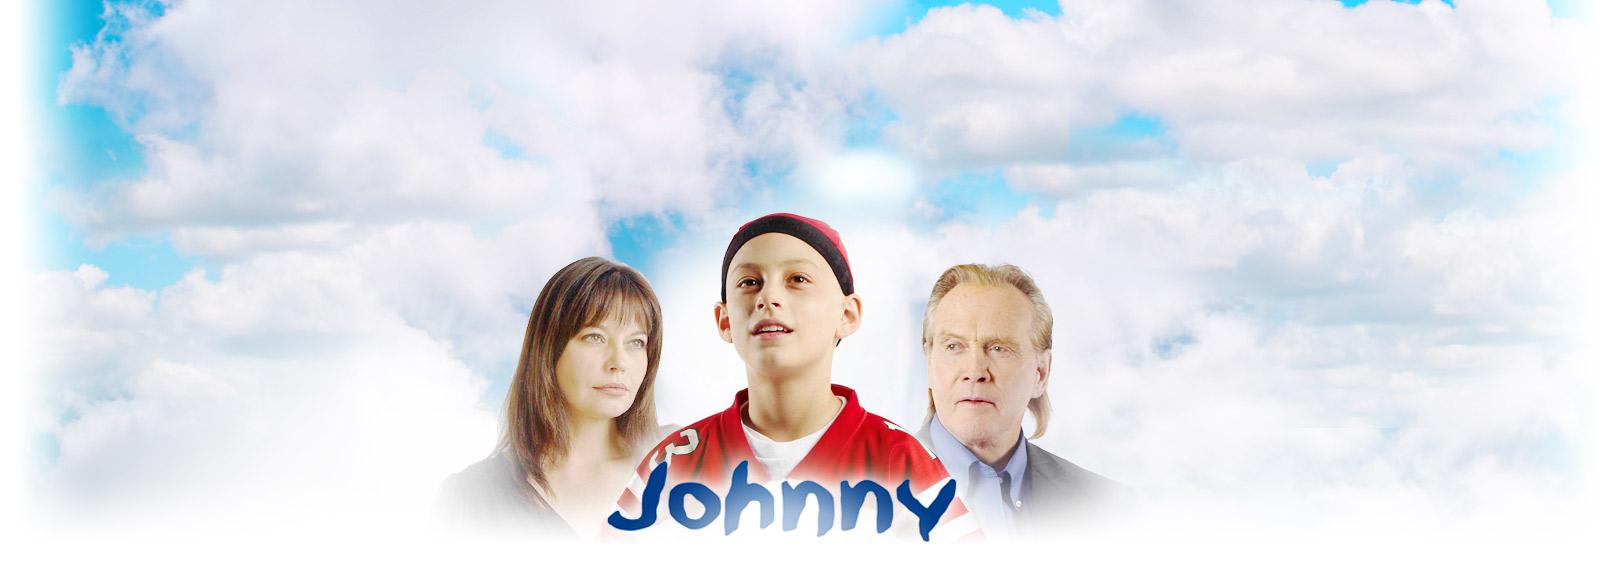 Resultado de imagem para johnny – todos tem uma missão especial